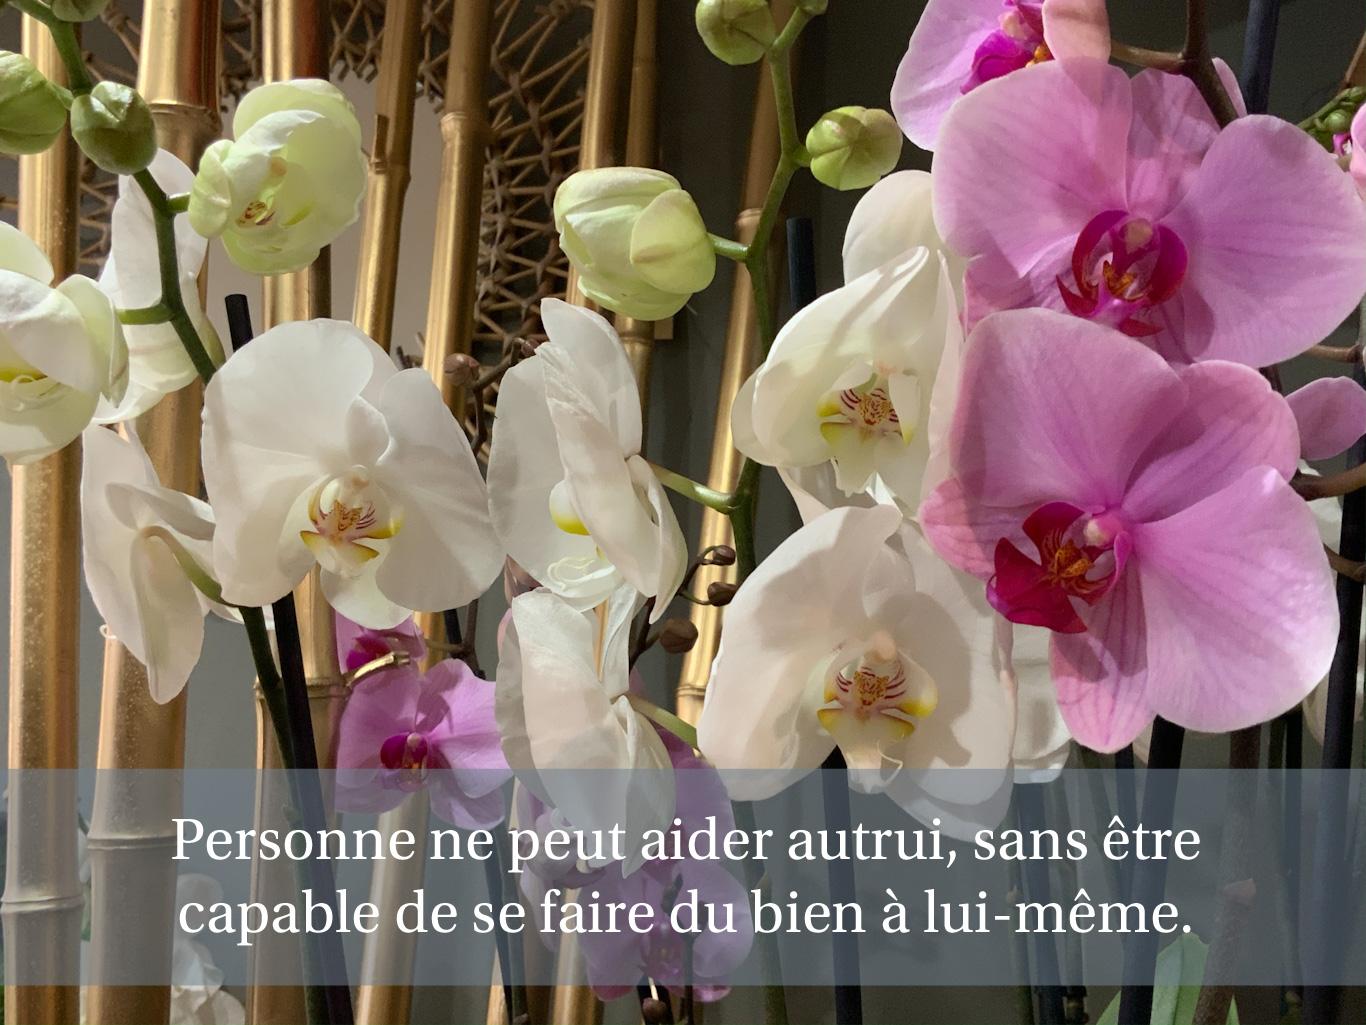 Citation sur un fond d'orchidées